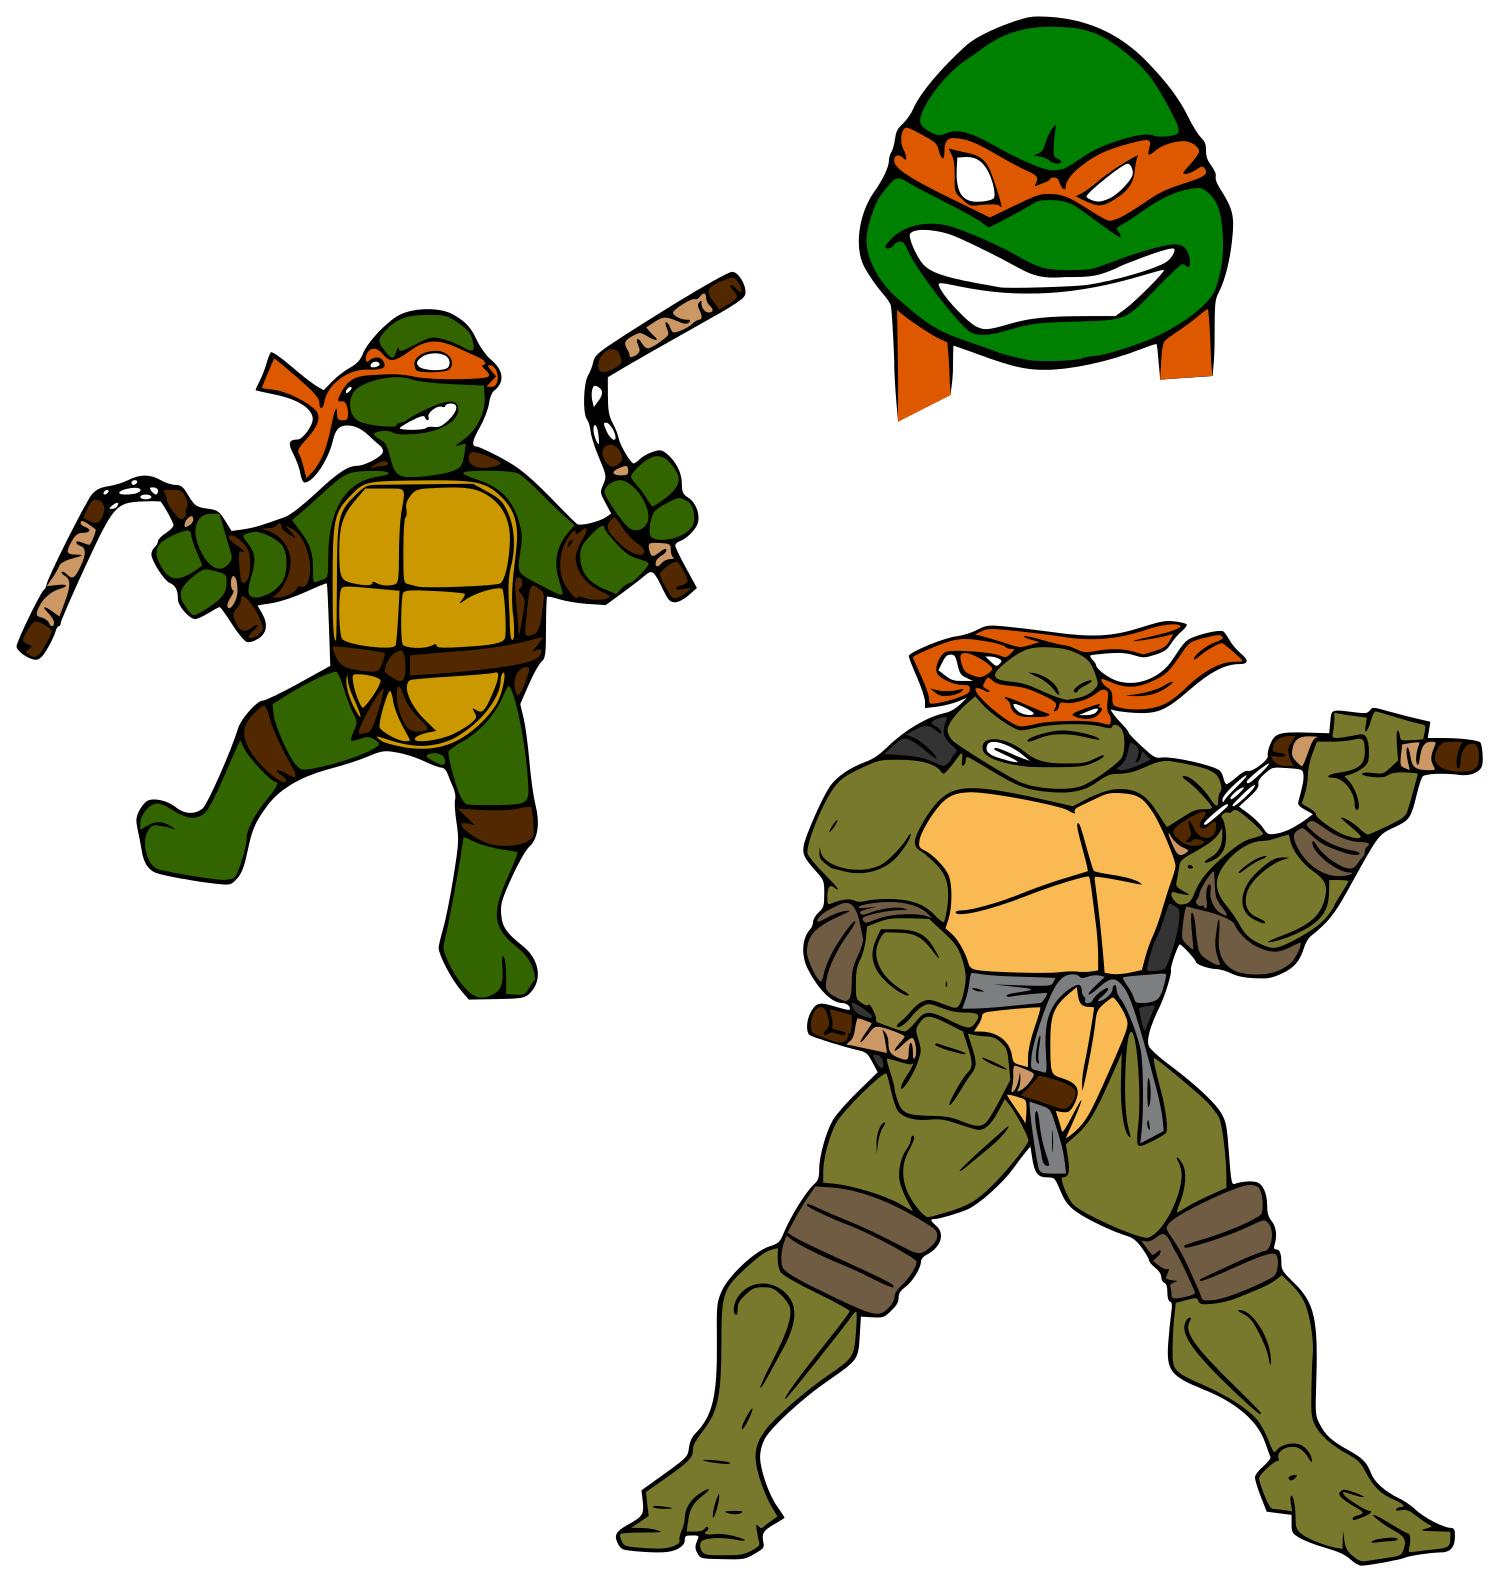 Pictures Of Michelangelo Ninja Turtle